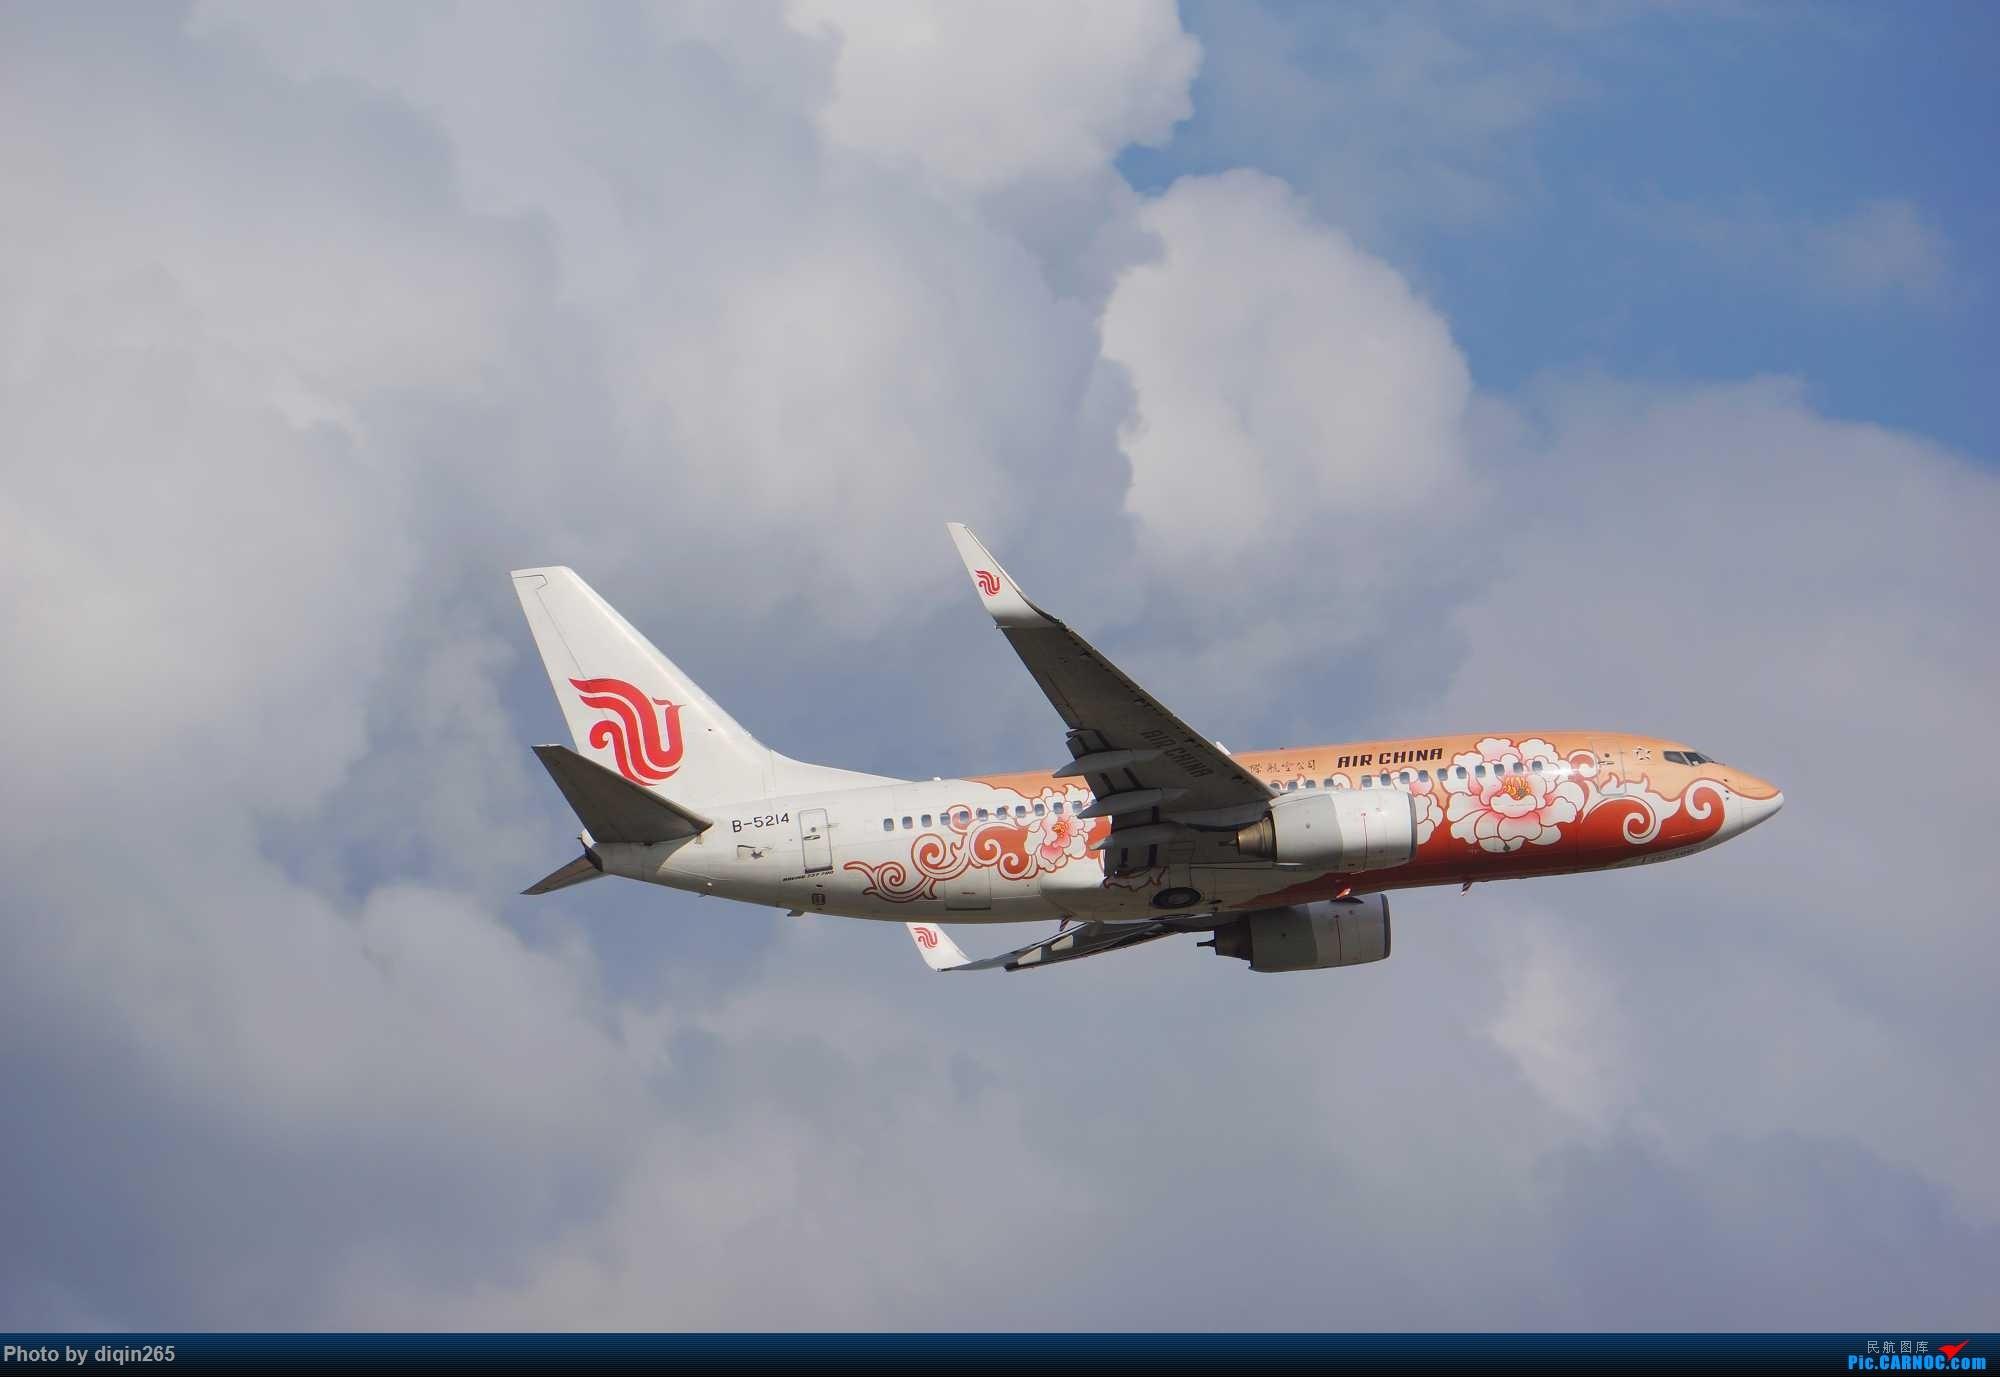 [原创]CKG最近几天拍机现状:天气好 人受罪 心敞亮 BOEING 737-700 B-5214 重庆江北国际机场